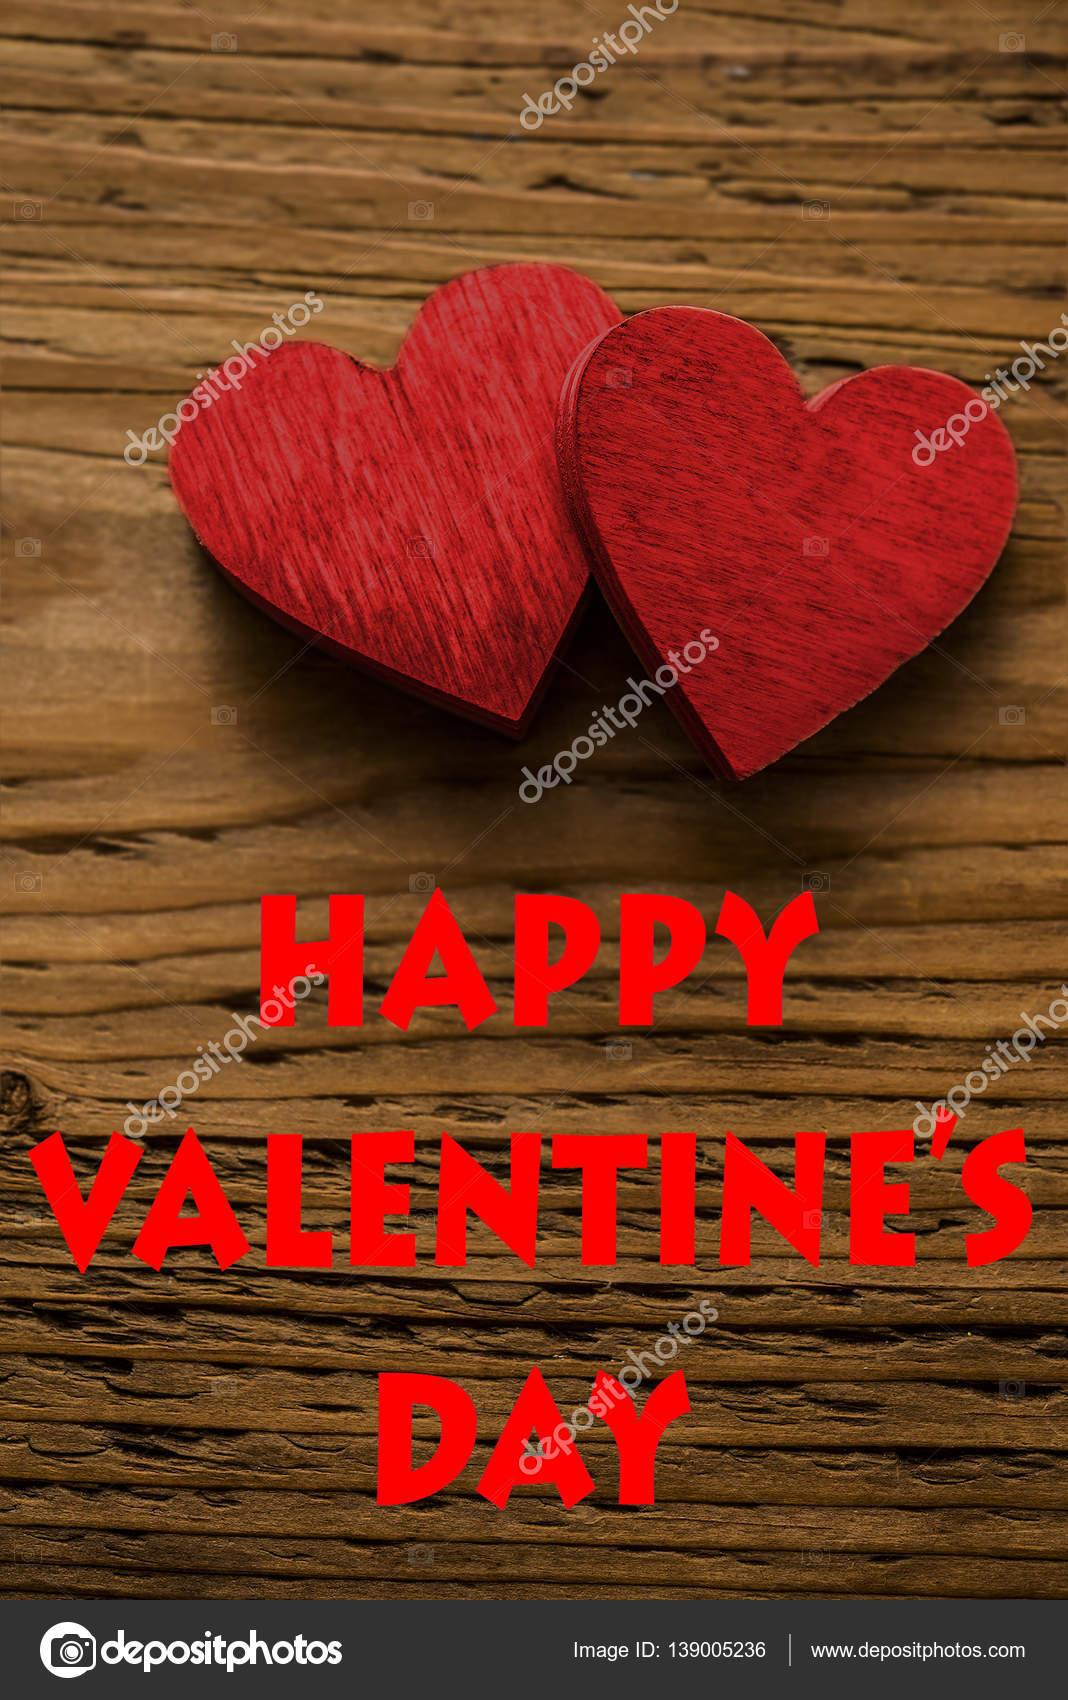 Happy Valentine S Day Words Stock Photo C Borjomi88 139005236